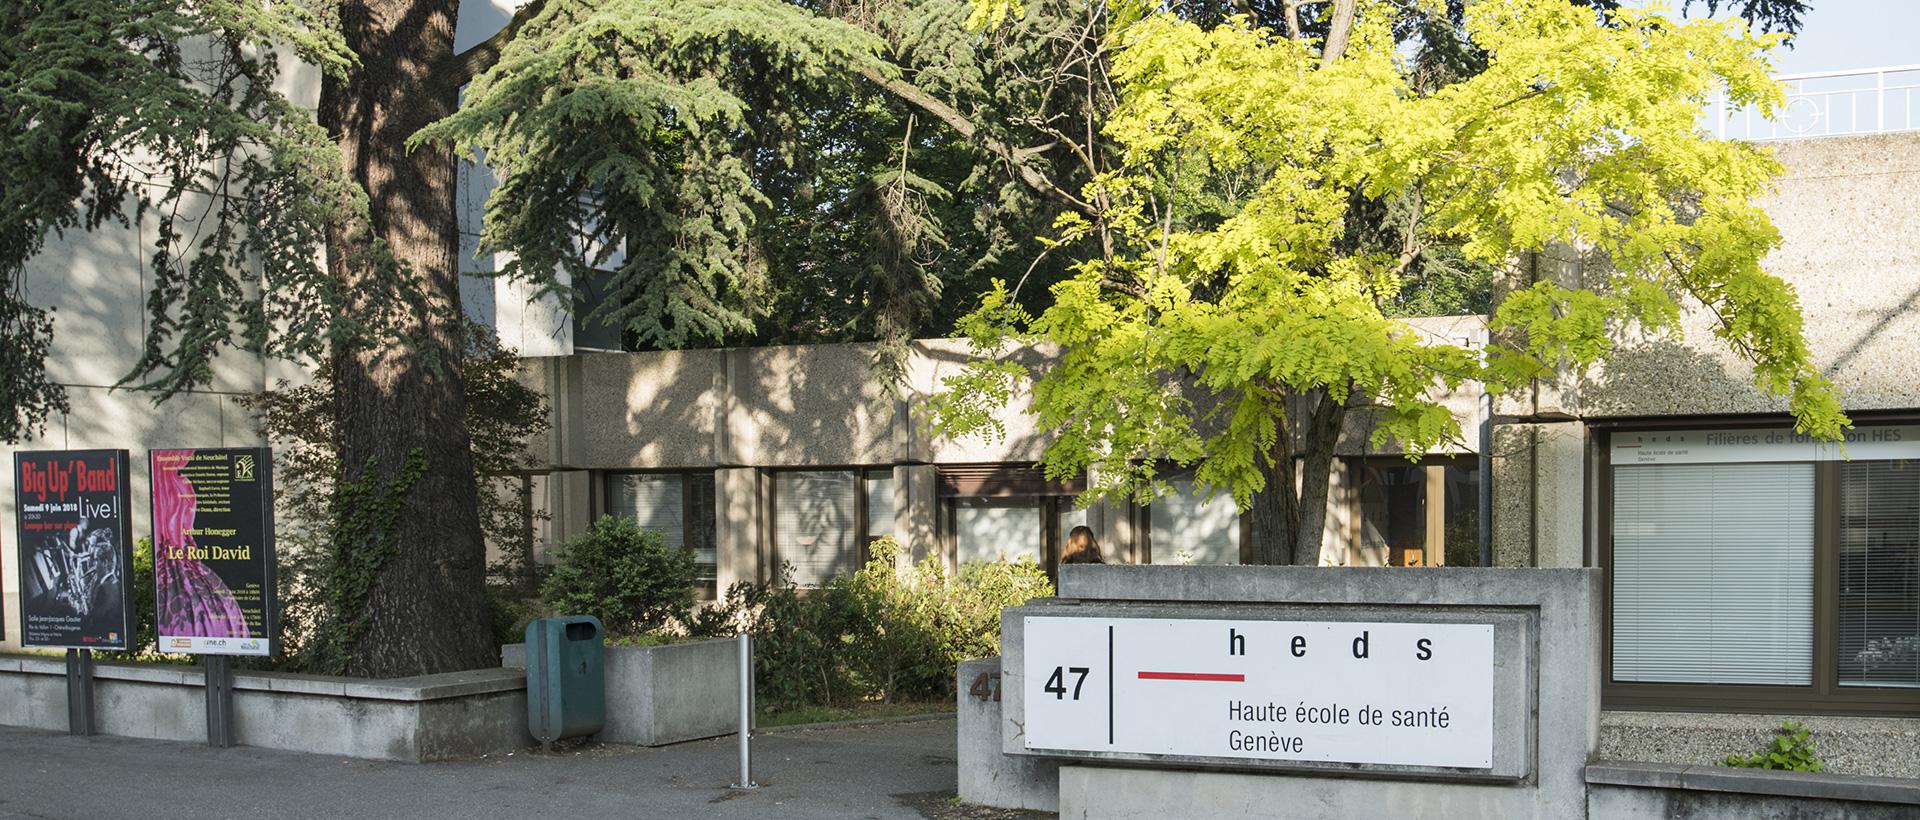 Haute école de santé de Genève (HEdS-Genève) Bâtiment